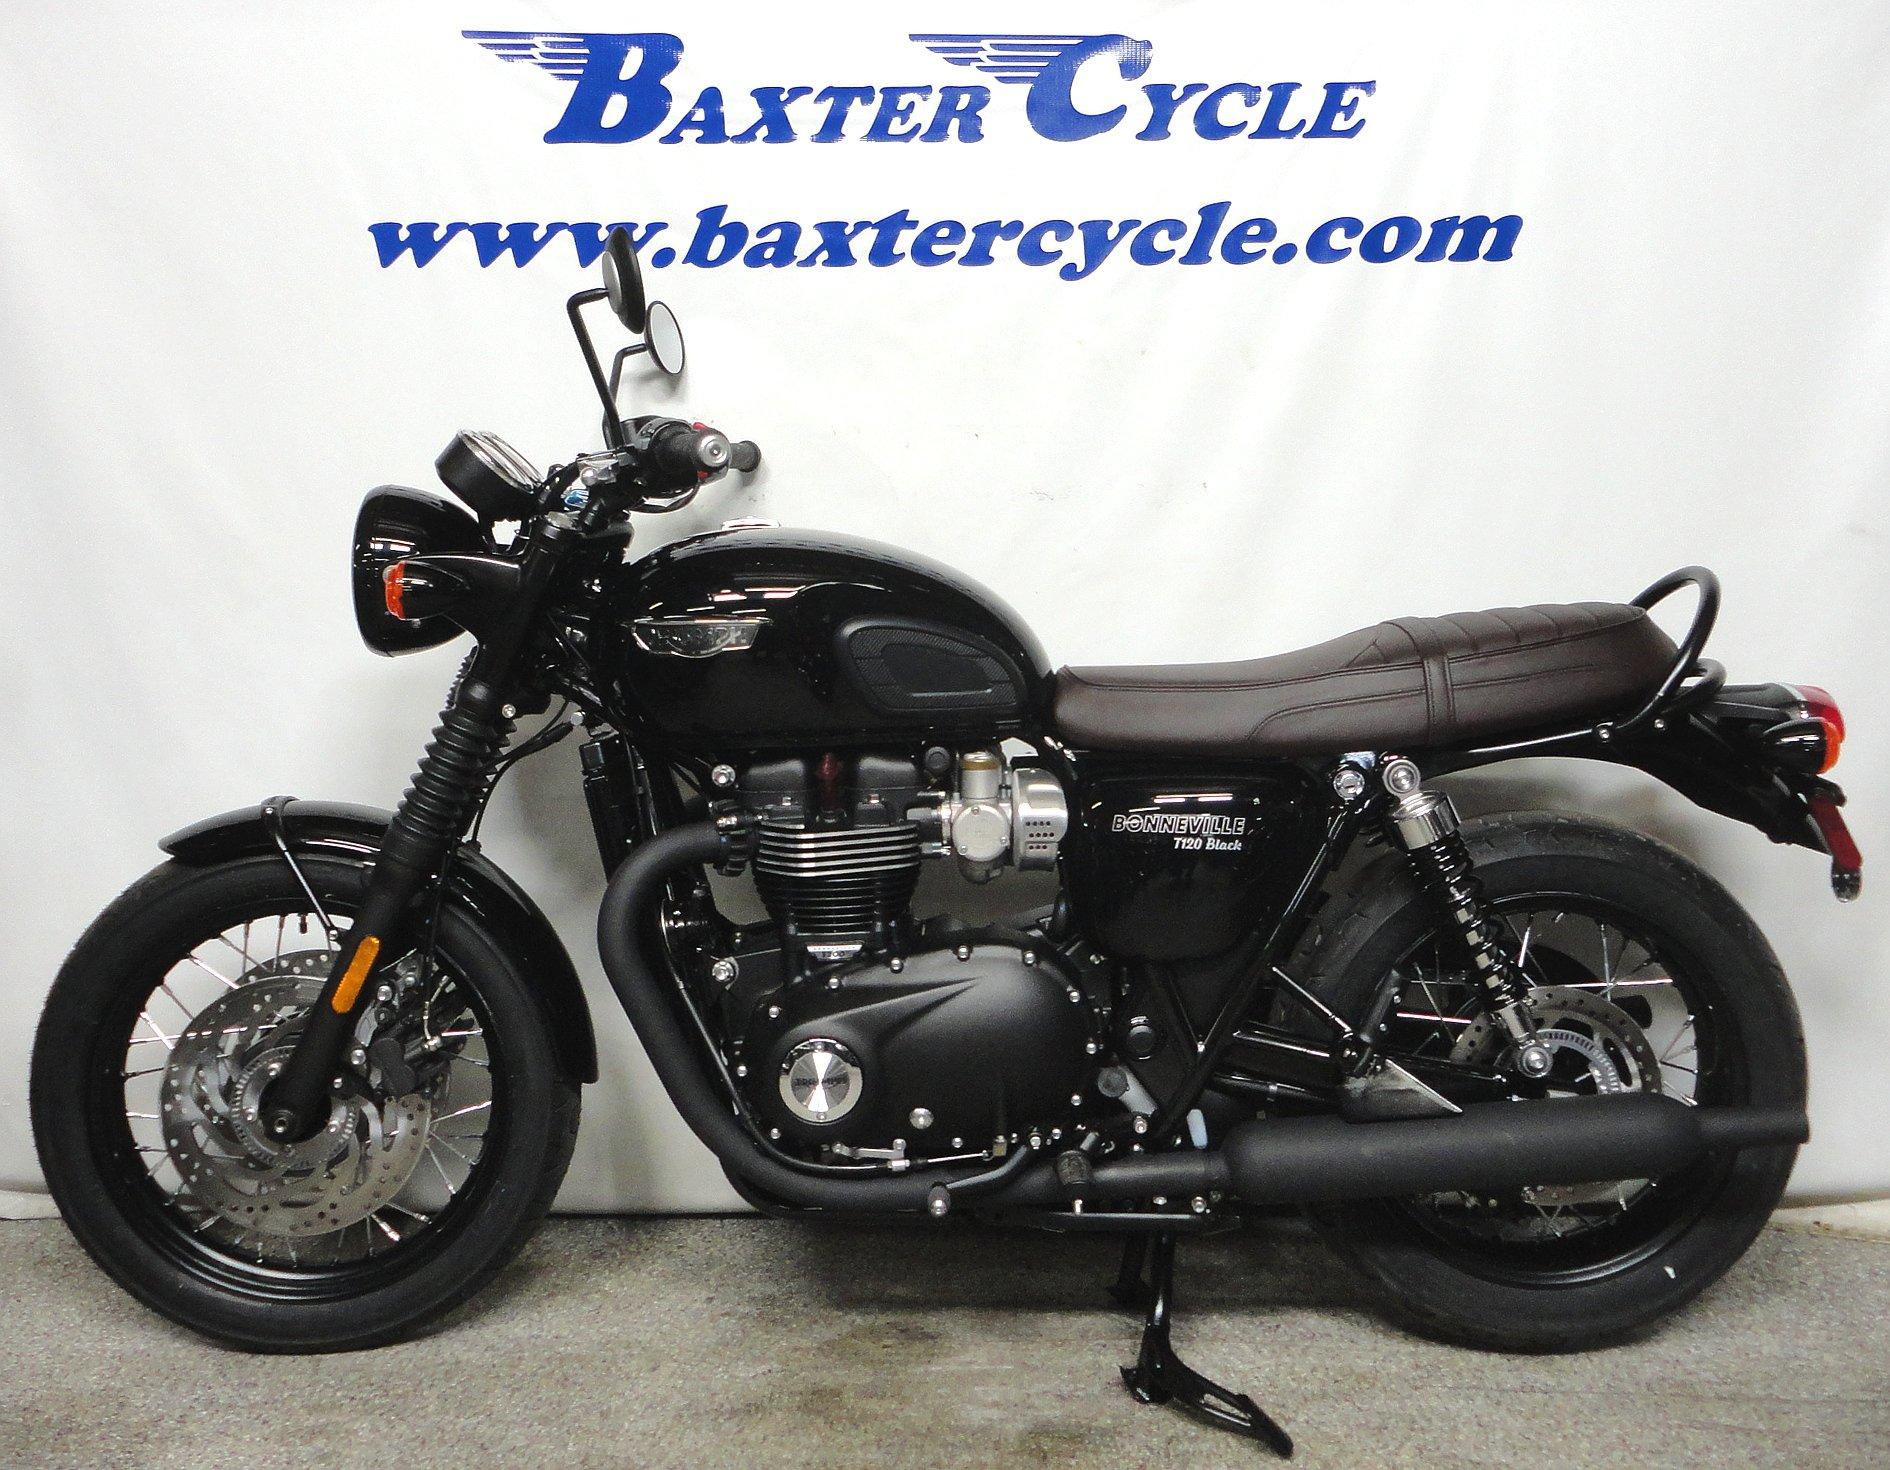 2018 Triumph T120 Bonneville Black Baxter Cycle